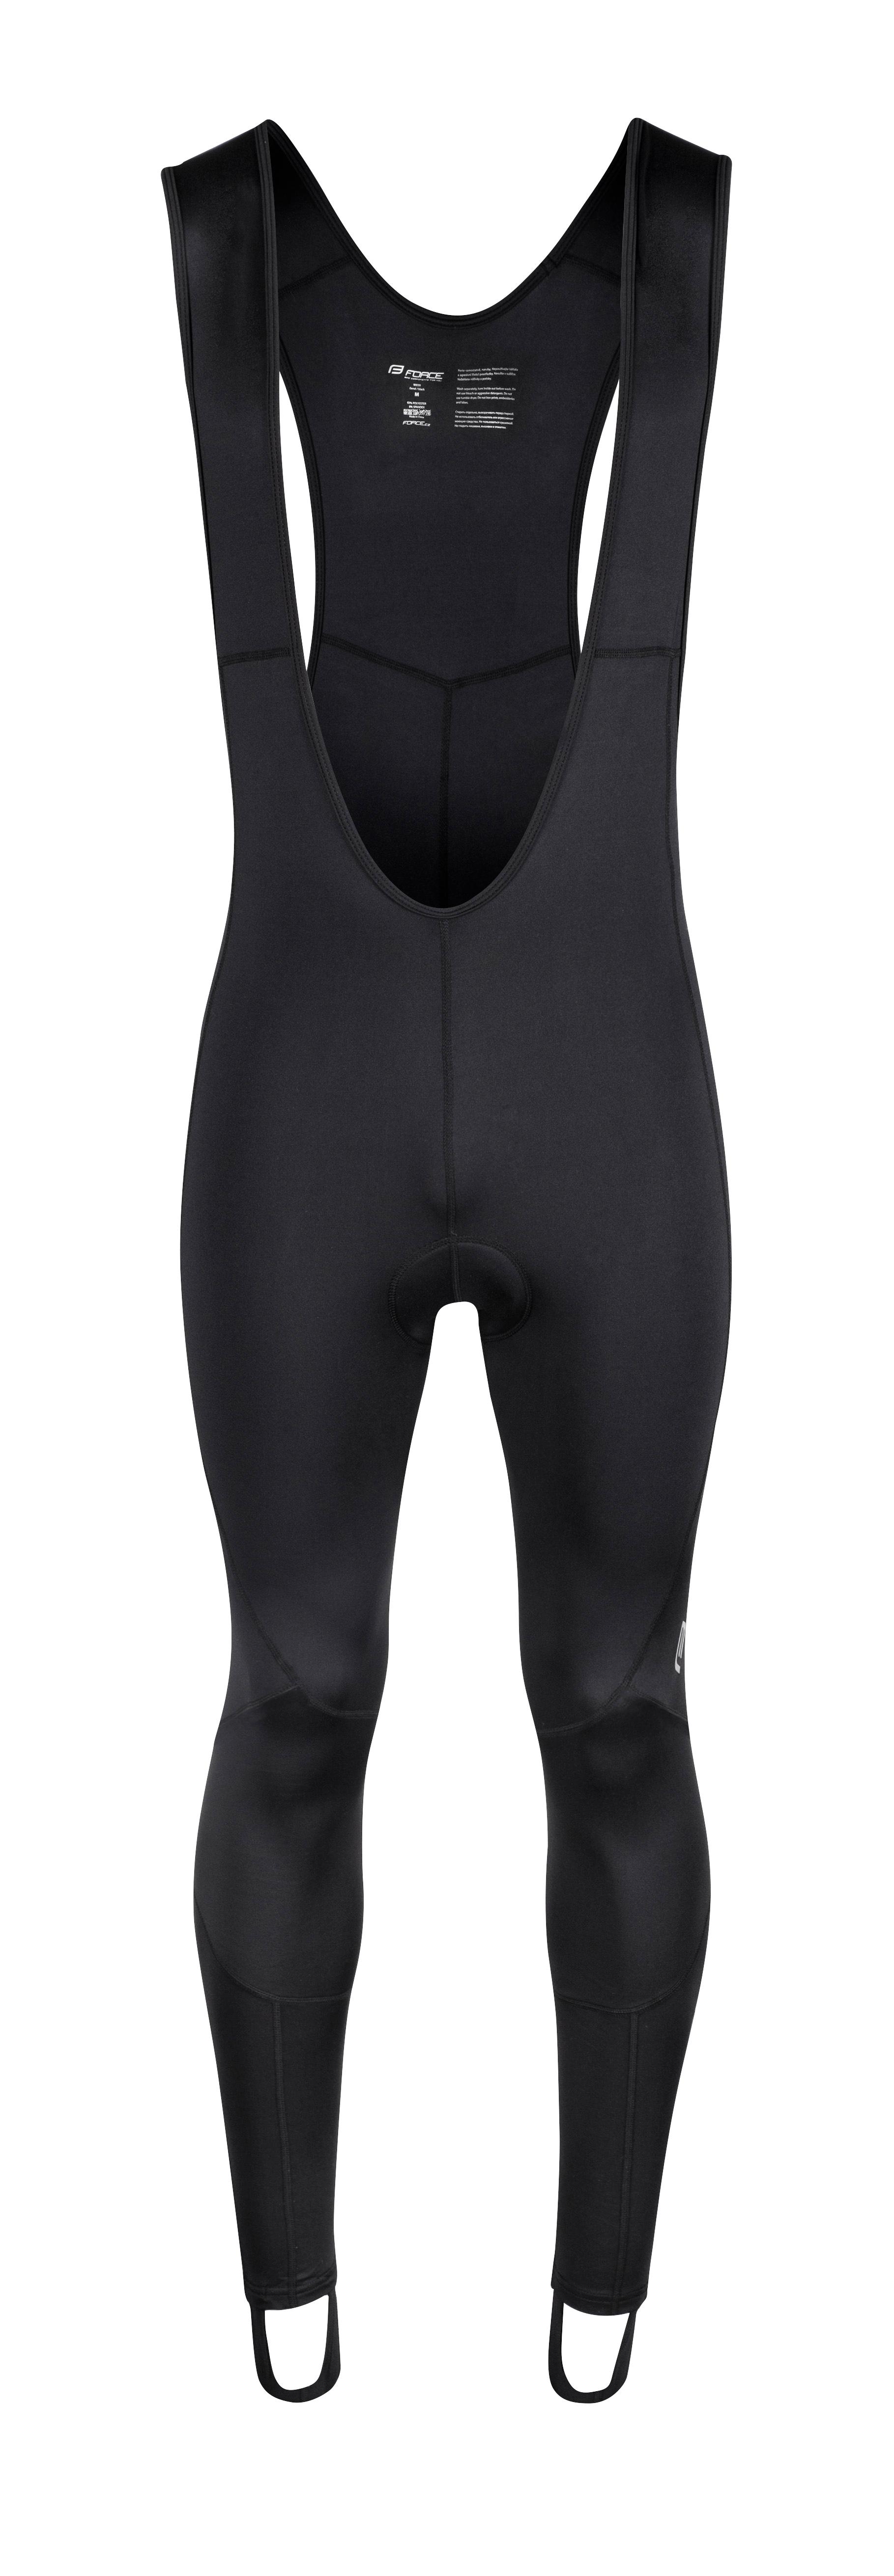 kalhoty FORCE Z68 se šráky a vložkou, černé S